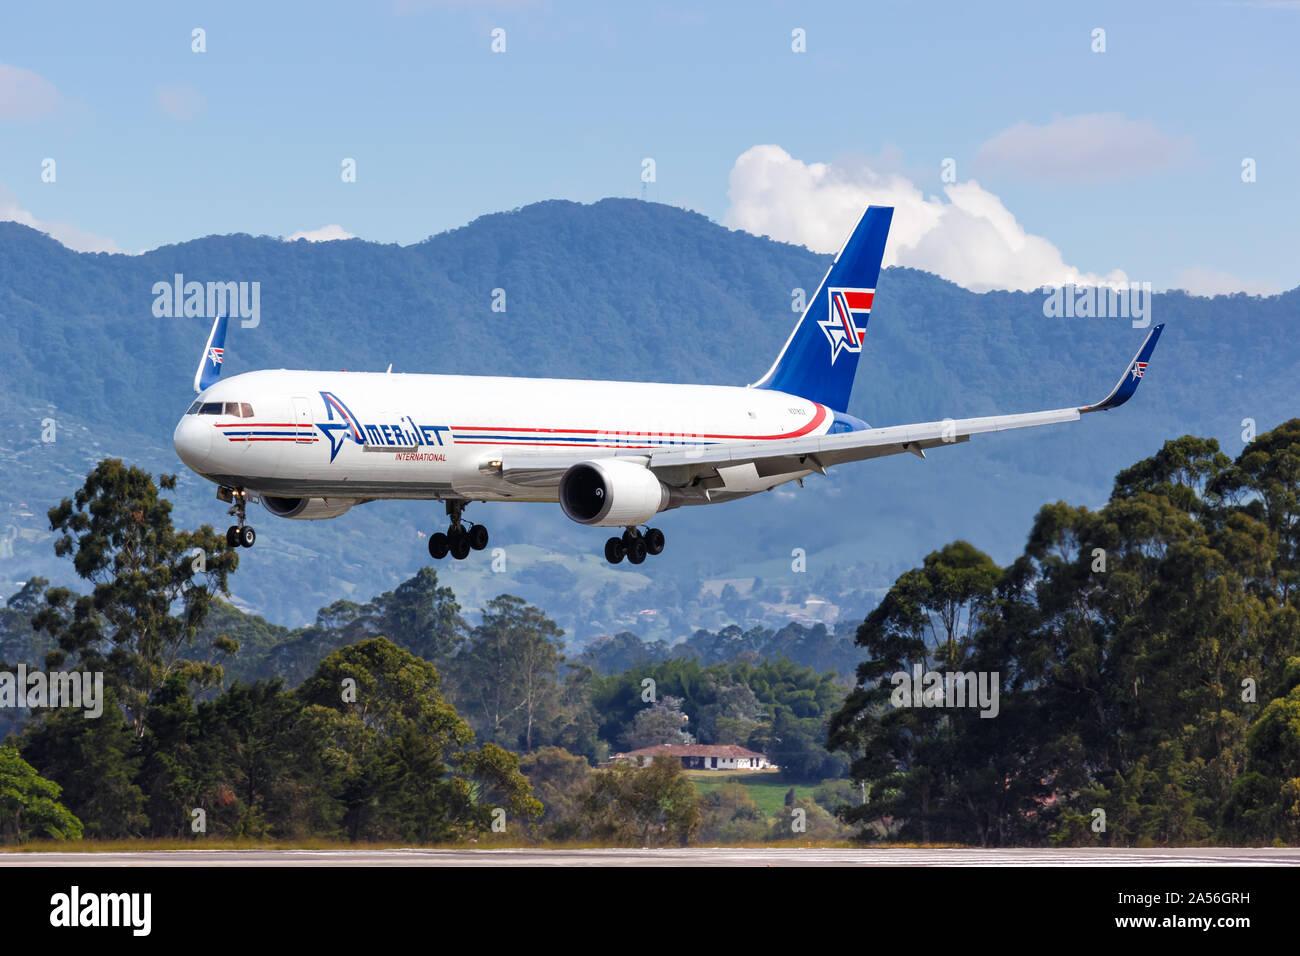 Medellín, Colombia - Enero 25, 2019: AmeriJet International Boeing 767-300F avión al aeropuerto de Medellín (MDE) en Colombia. Foto de stock